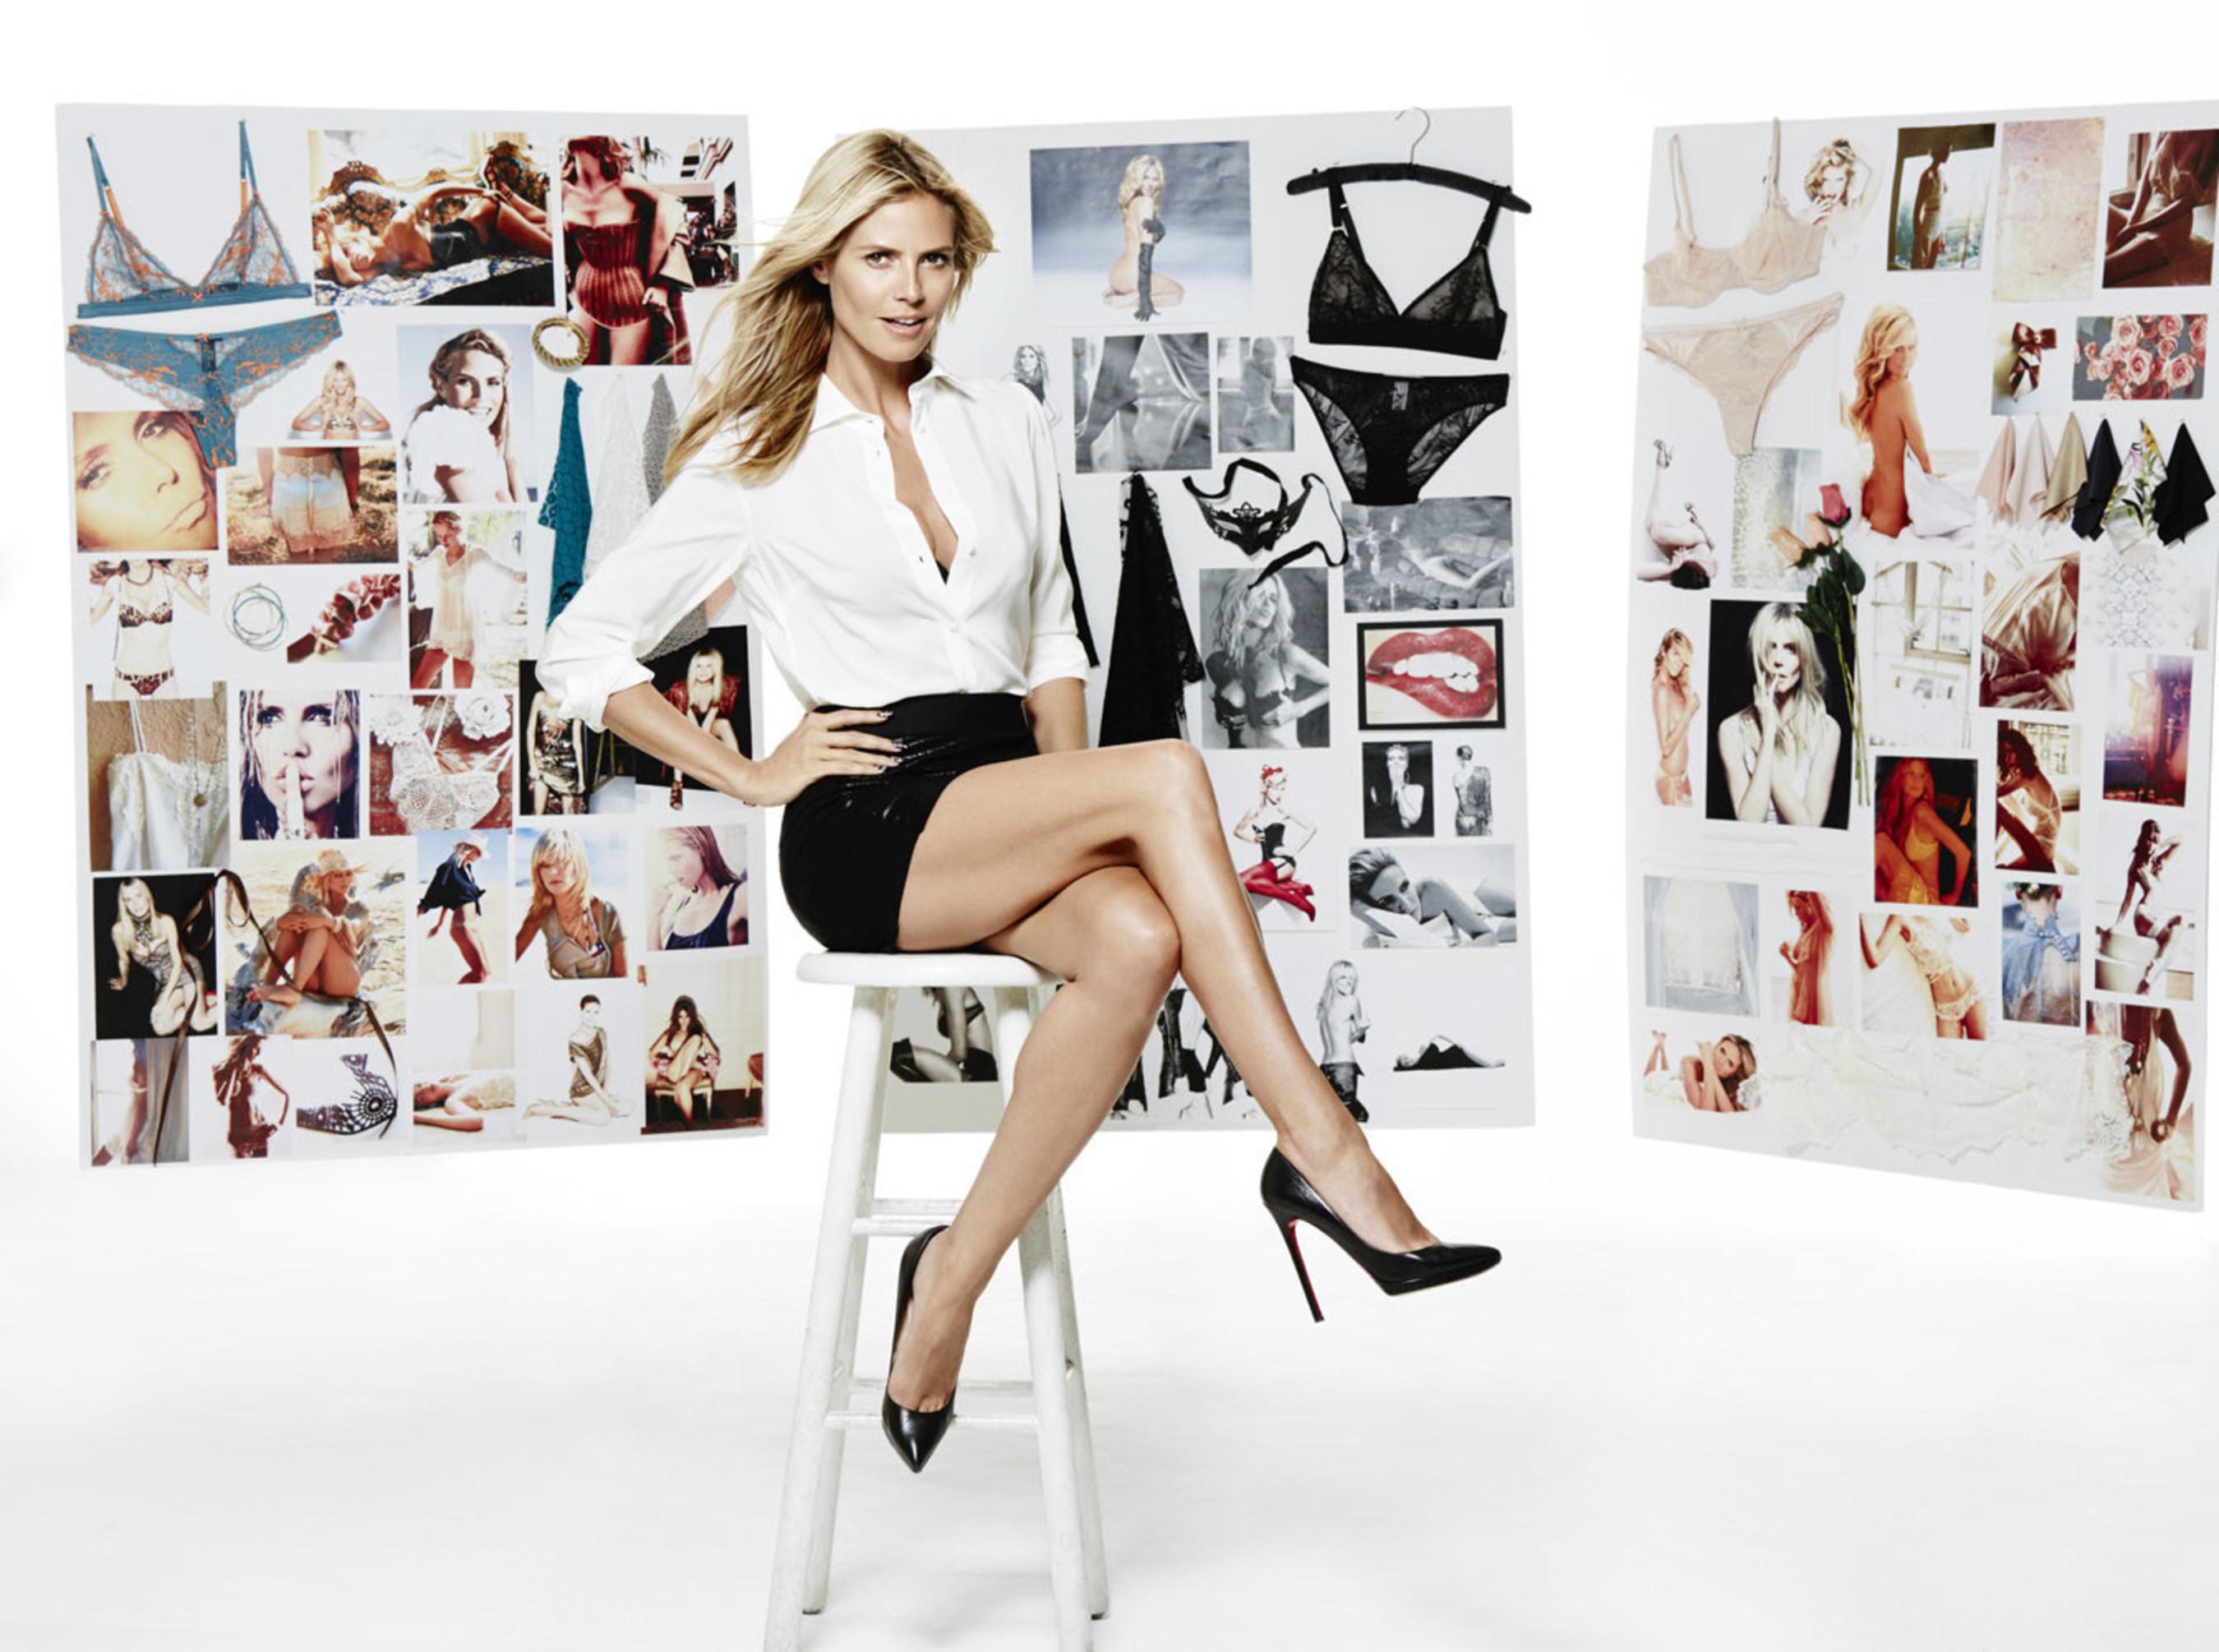 Bendon ernennt Heidi Klum zum Gesicht und zur Kreativdirektorin für maßgebliche Dessous-Kollektion